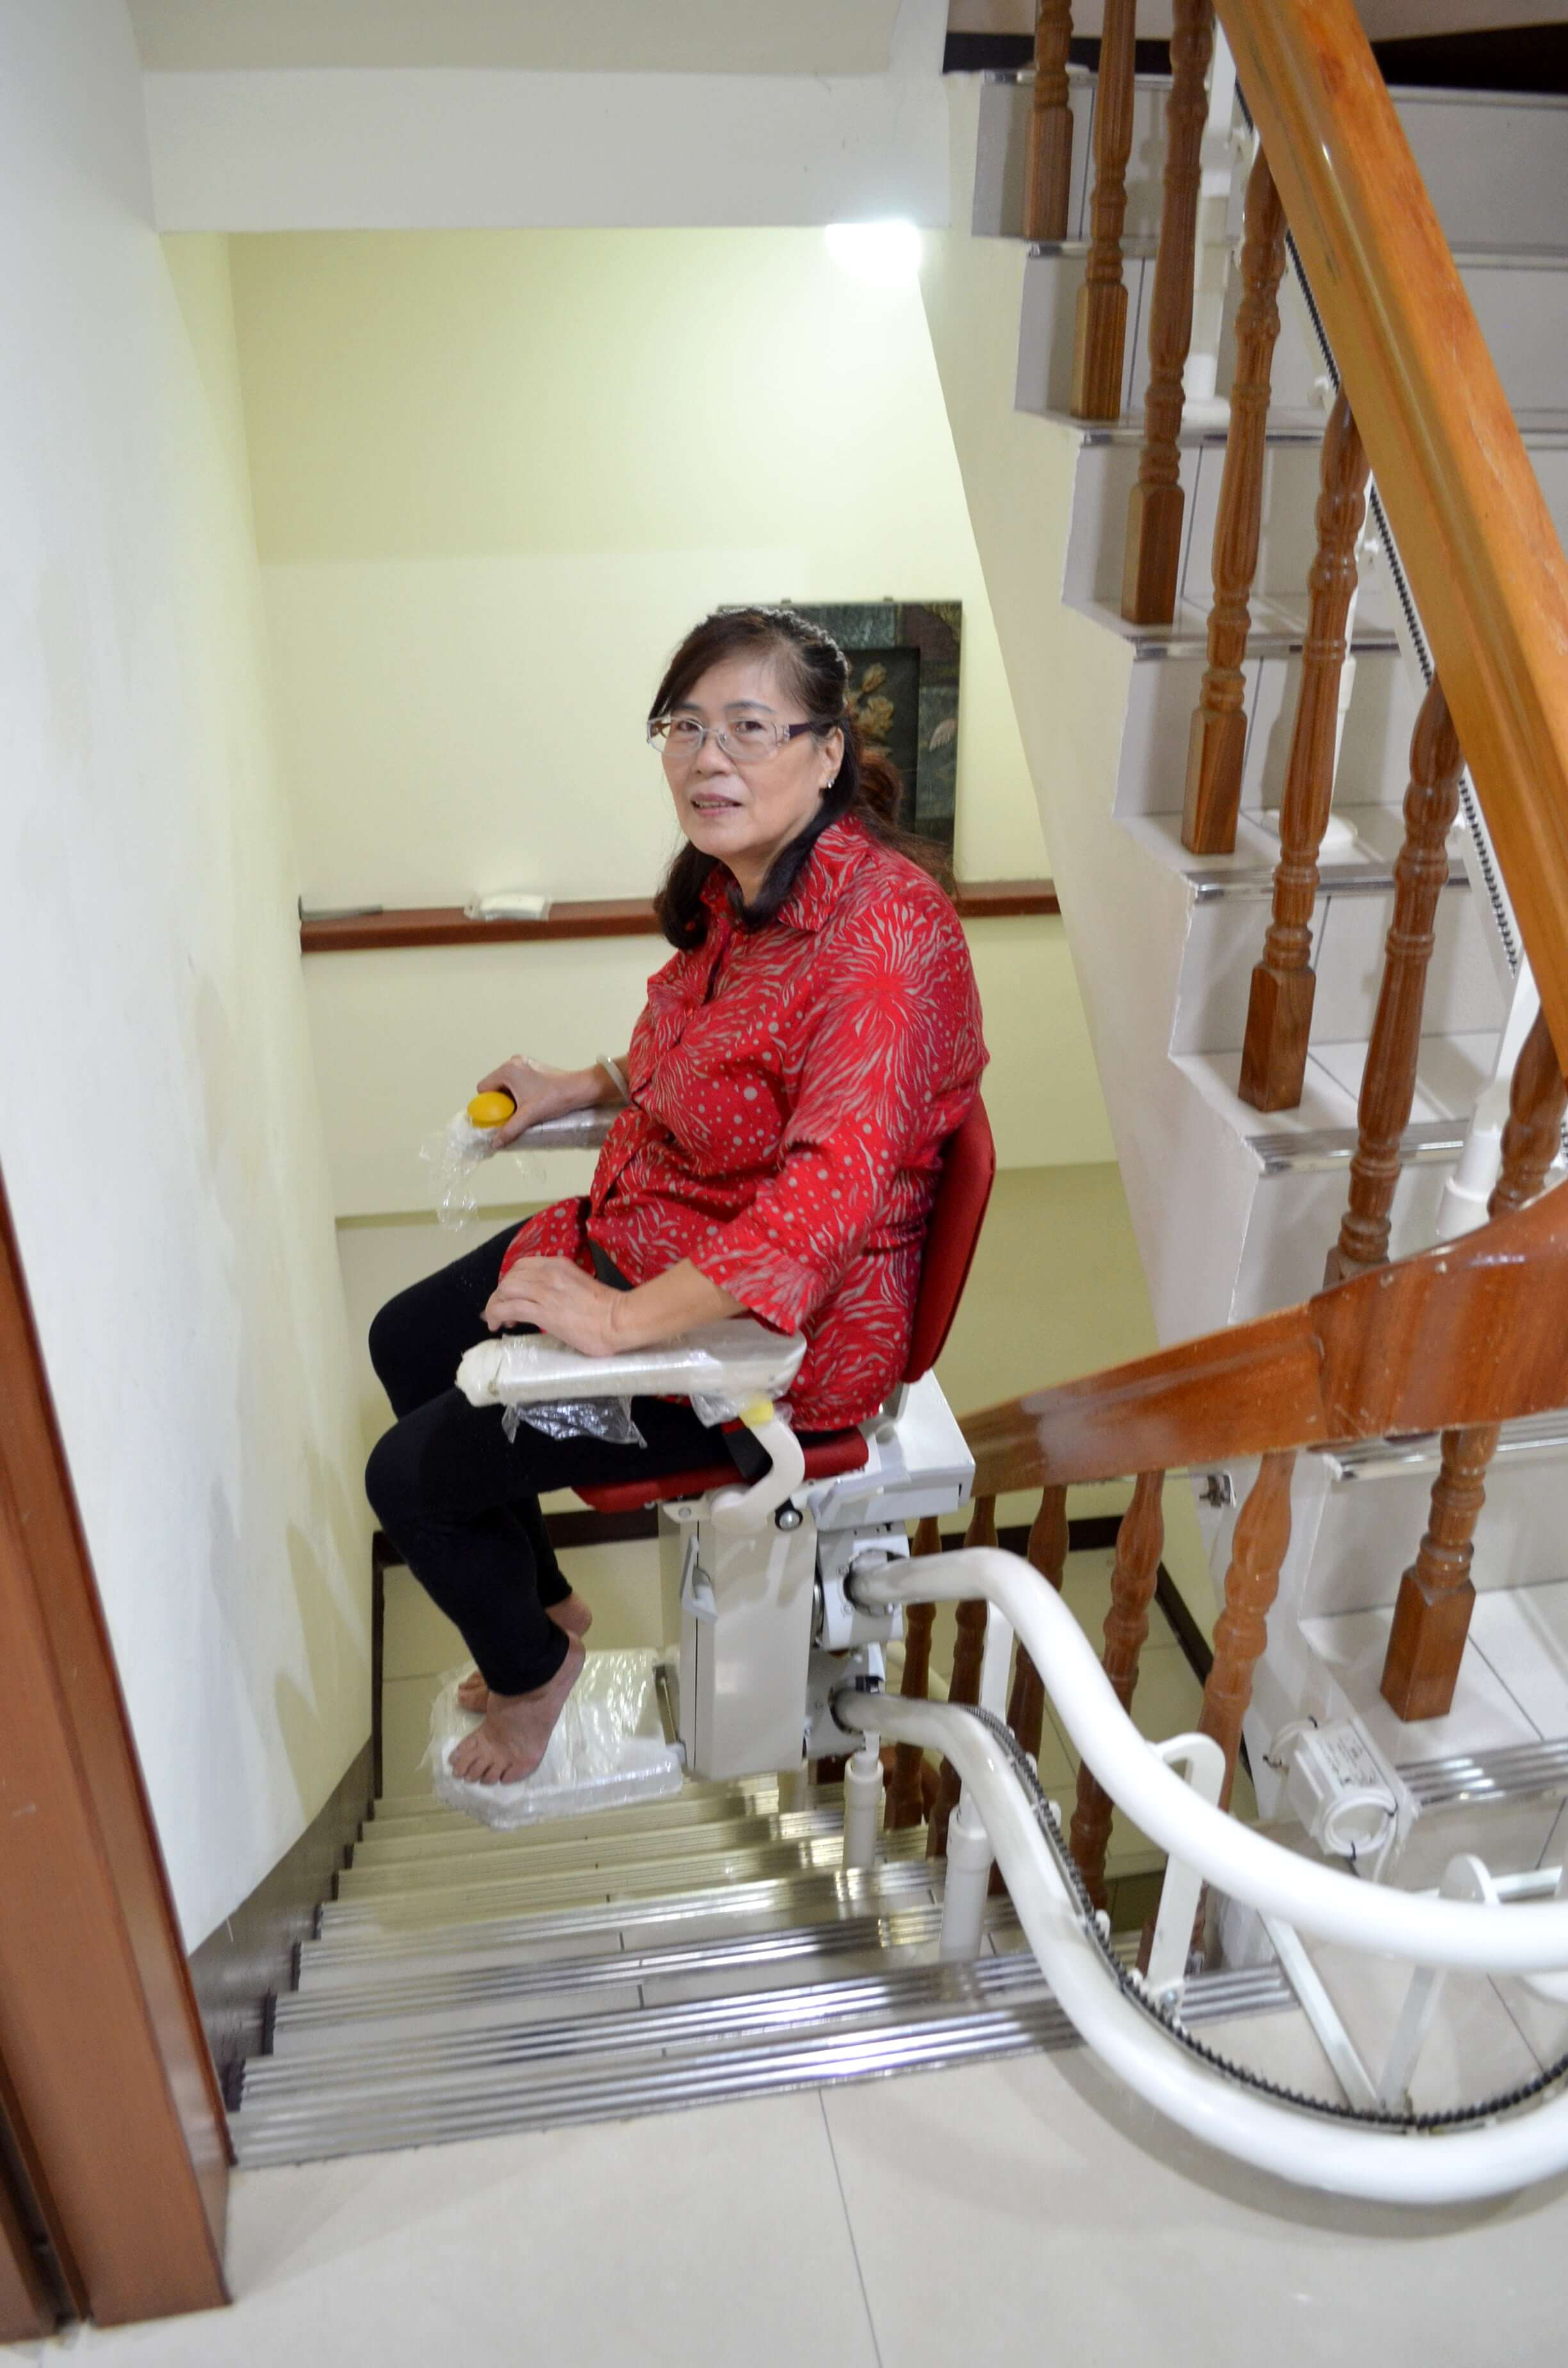 張媽媽試乘樓梯座椅